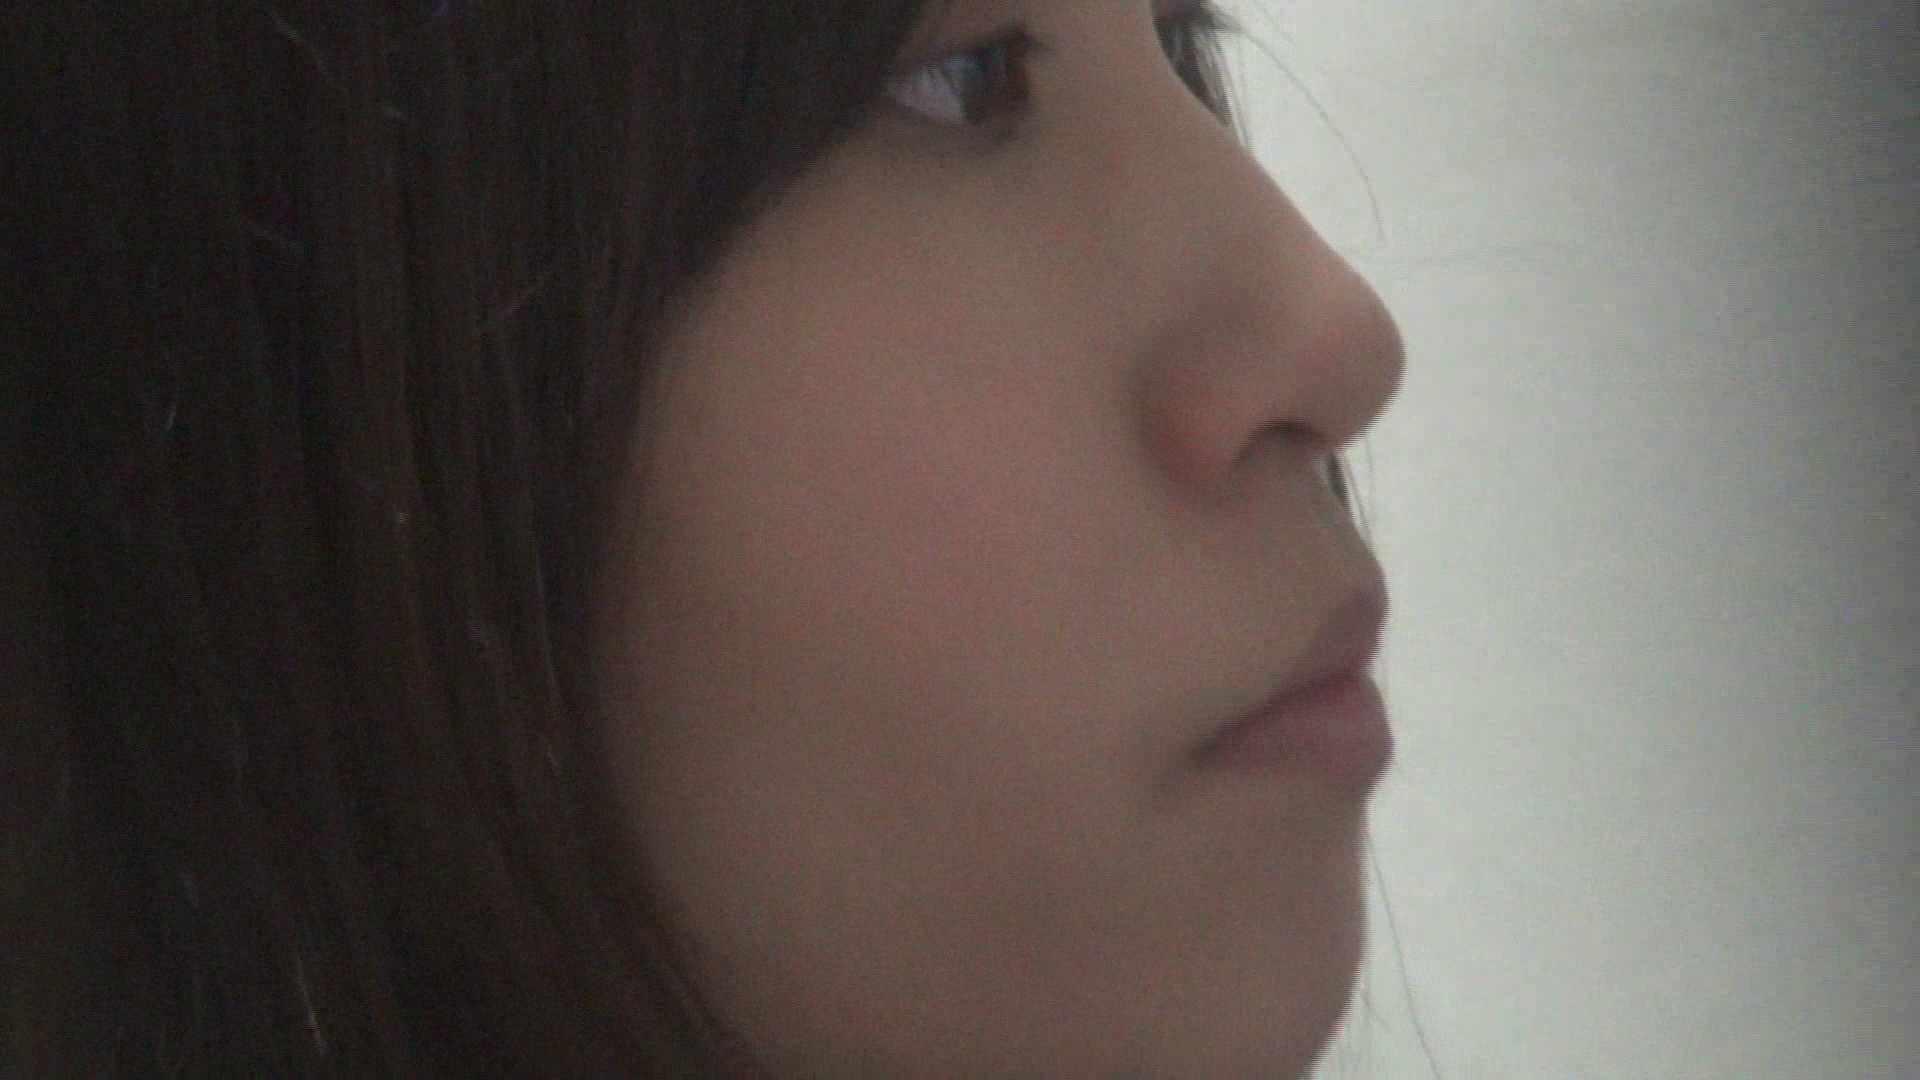 【05】仕事が忙しくて・・・久しぶりにベランダで待ち伏せ おまんこ おめこ無修正画像 72連発 69